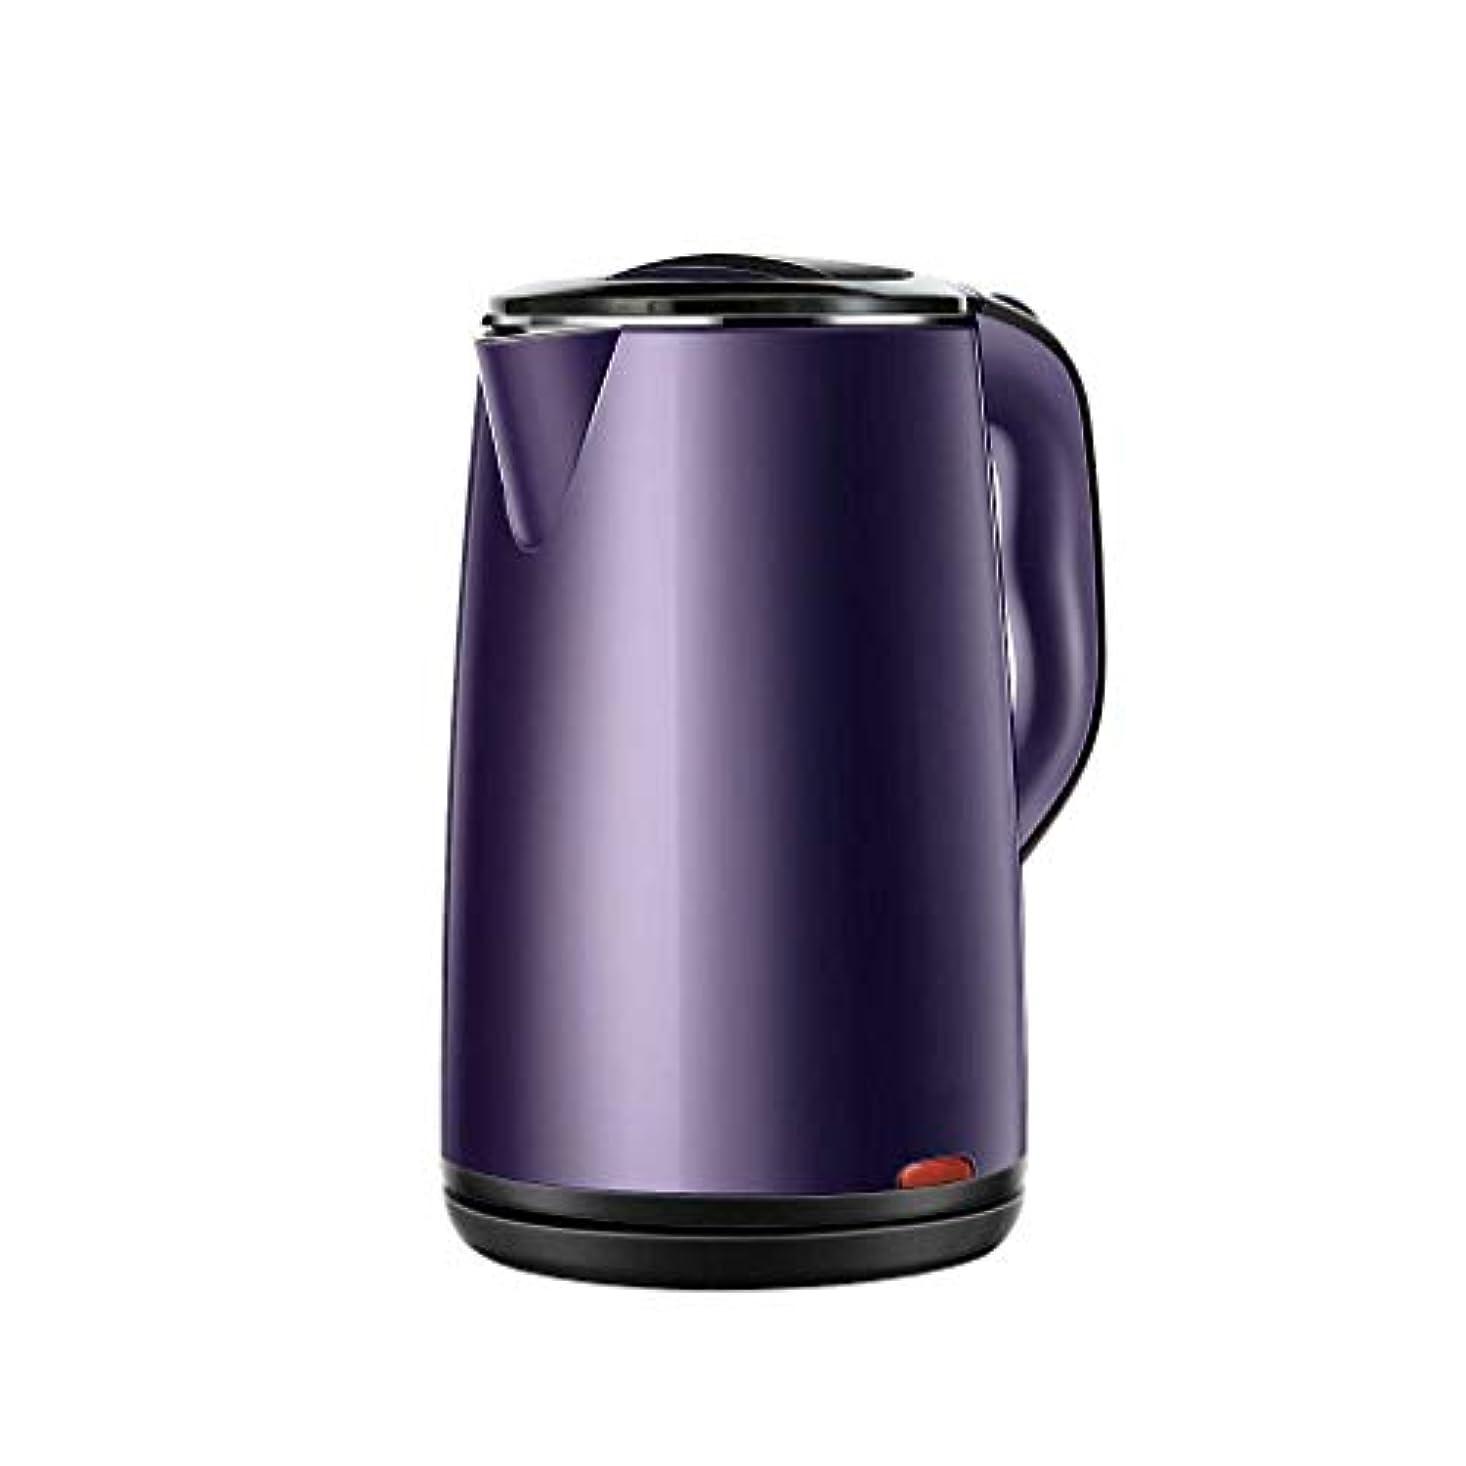 軸完全に乾くフィードバック電気ケトル自動電源オフ家庭用大容量24時間断熱材1500W断熱材一体型ステンレス鋼1.8L青(色:紫)使いやすい